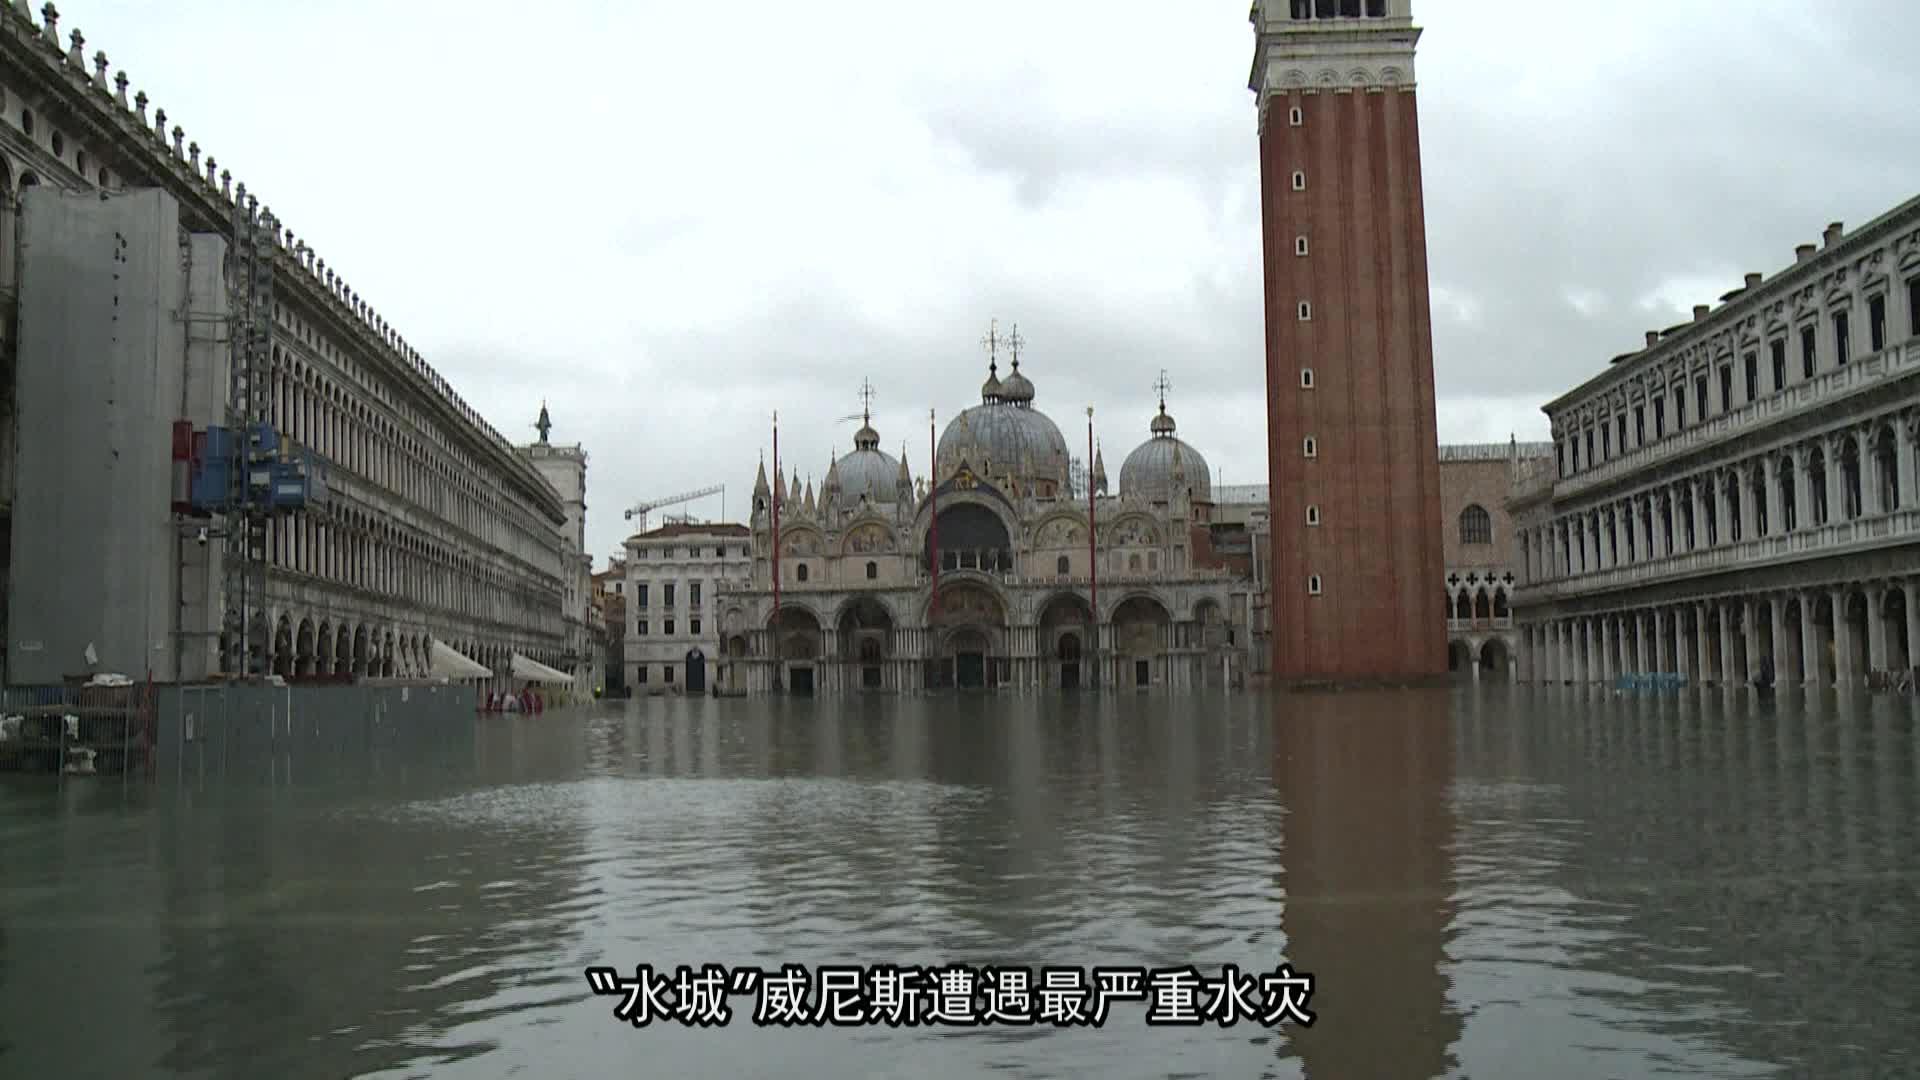 威尼斯再遇大潮 意大利多个地区发布警报